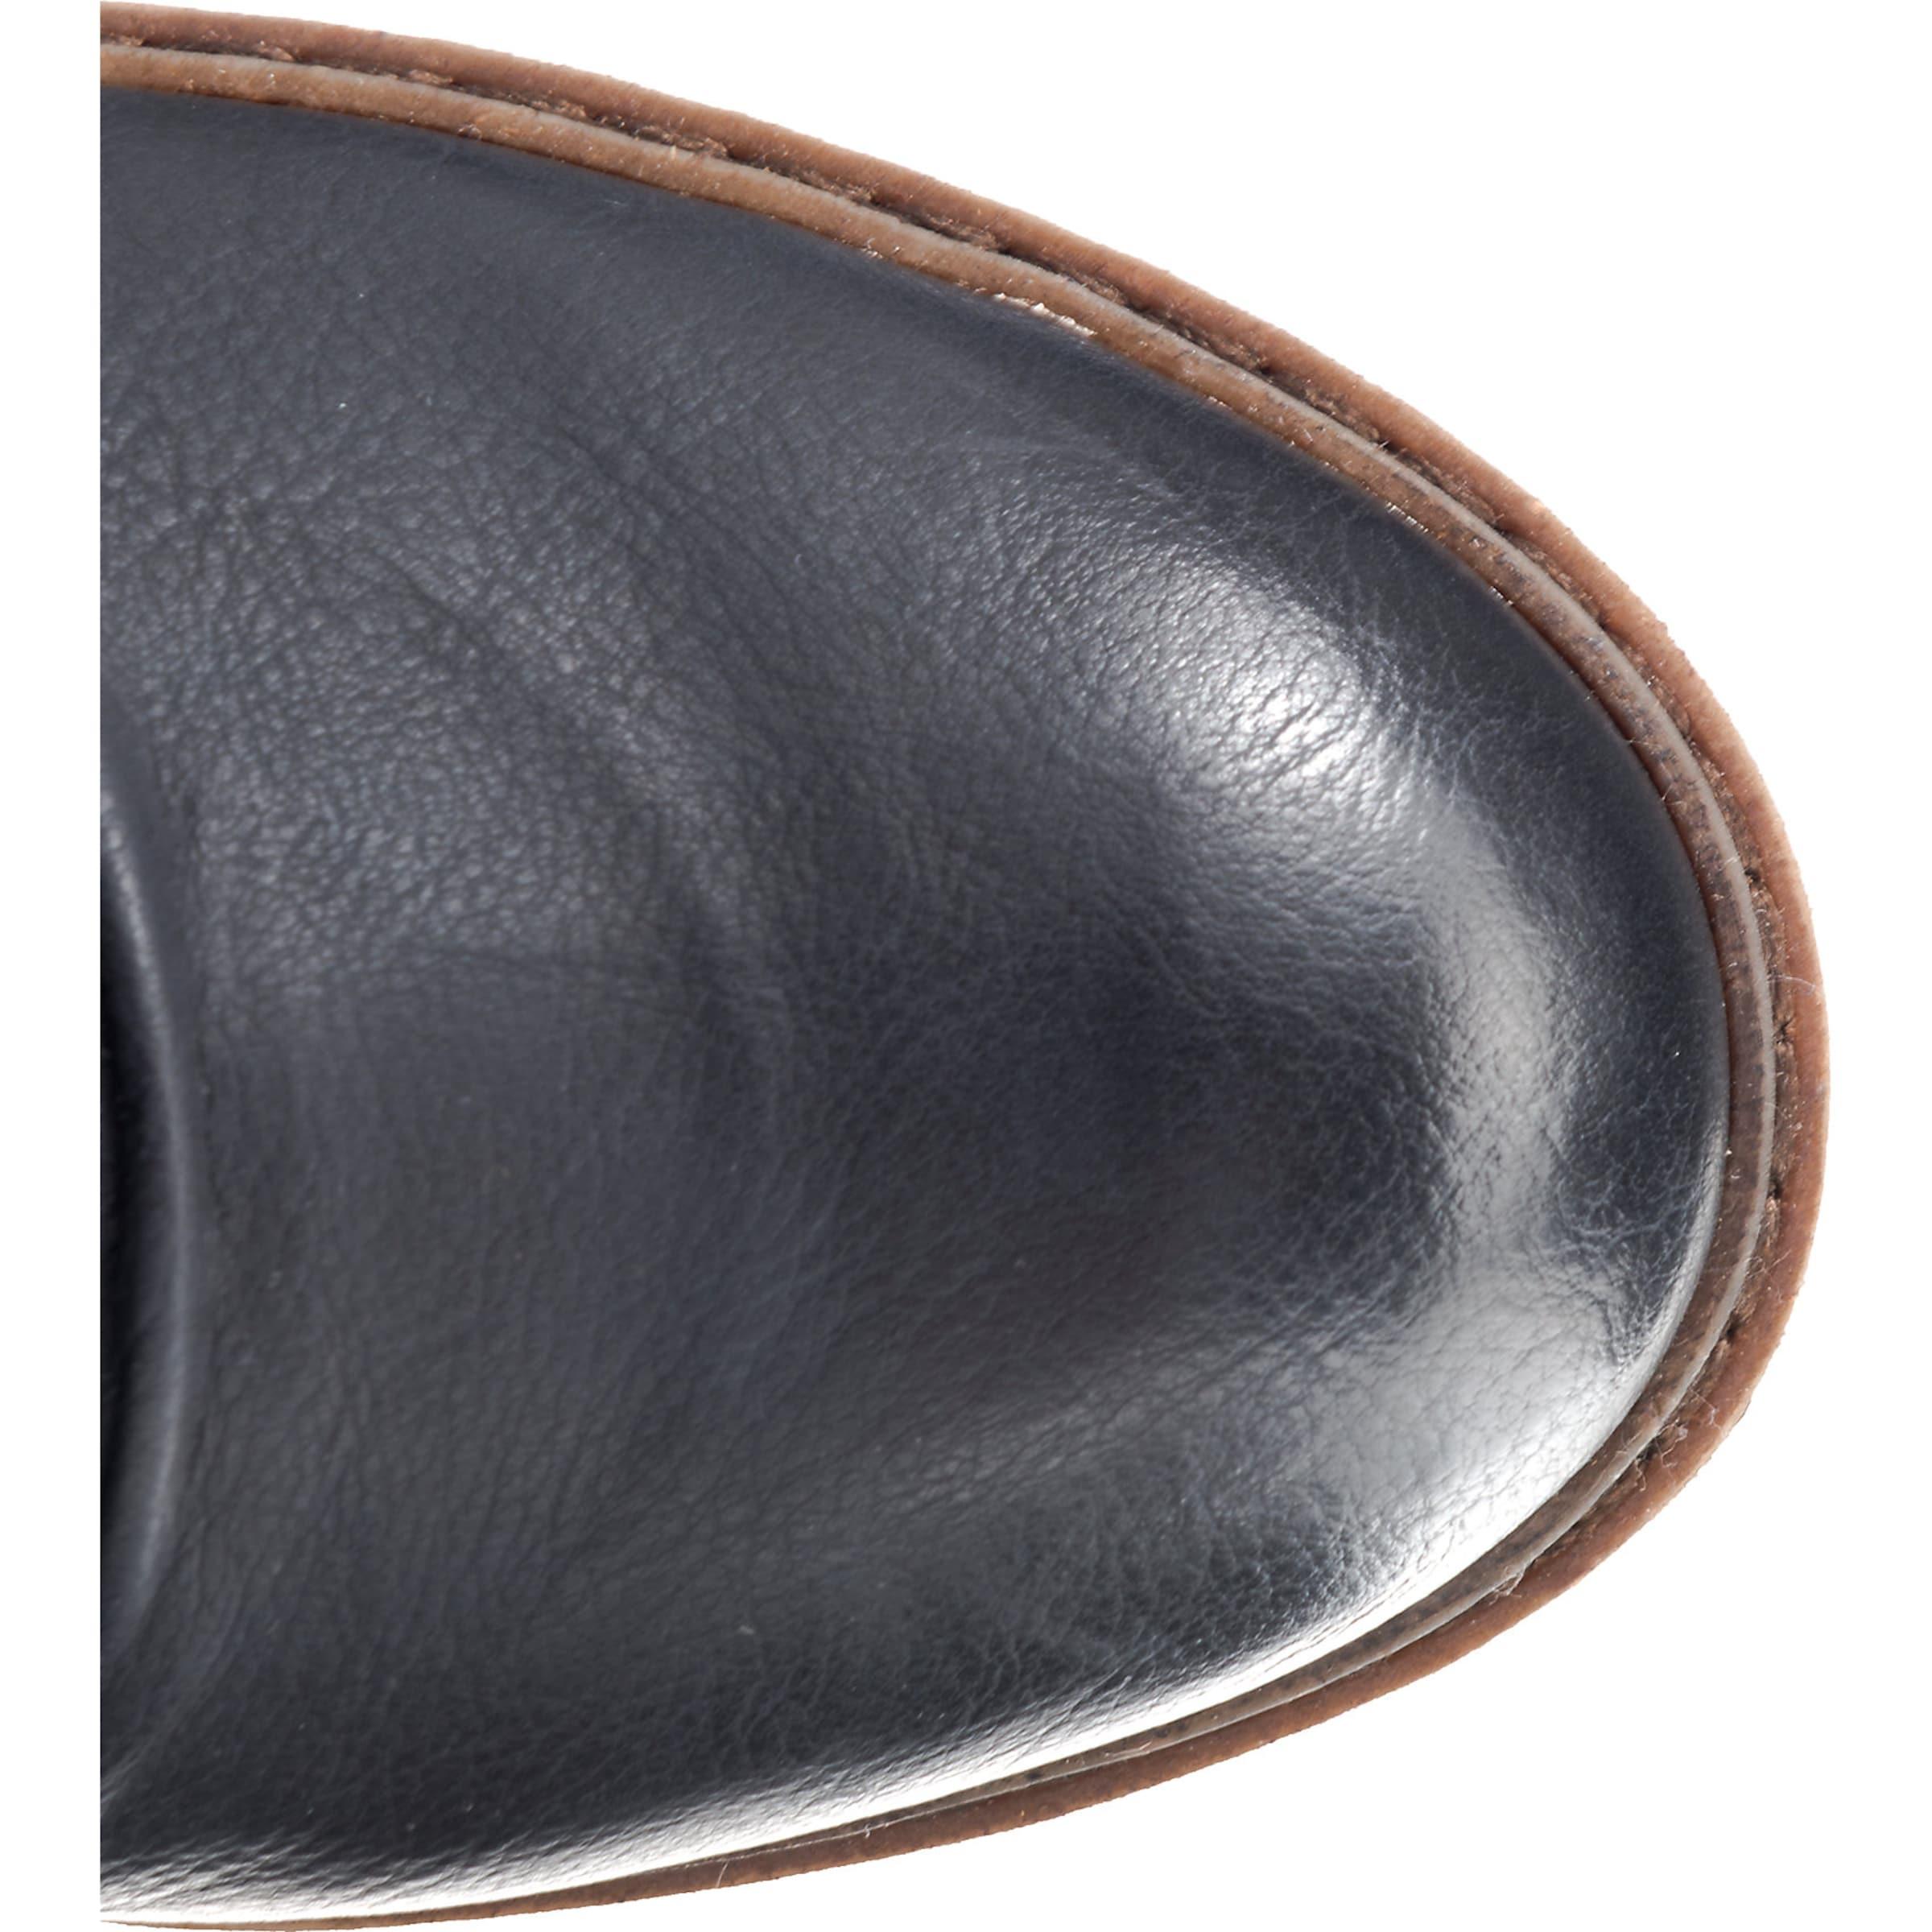 Rieker DunkelblauBraun Stiefel Grasgrün Stiefel In Grasgrün Stiefel Rieker In Rieker In DunkelblauBraun D9IYWEH2